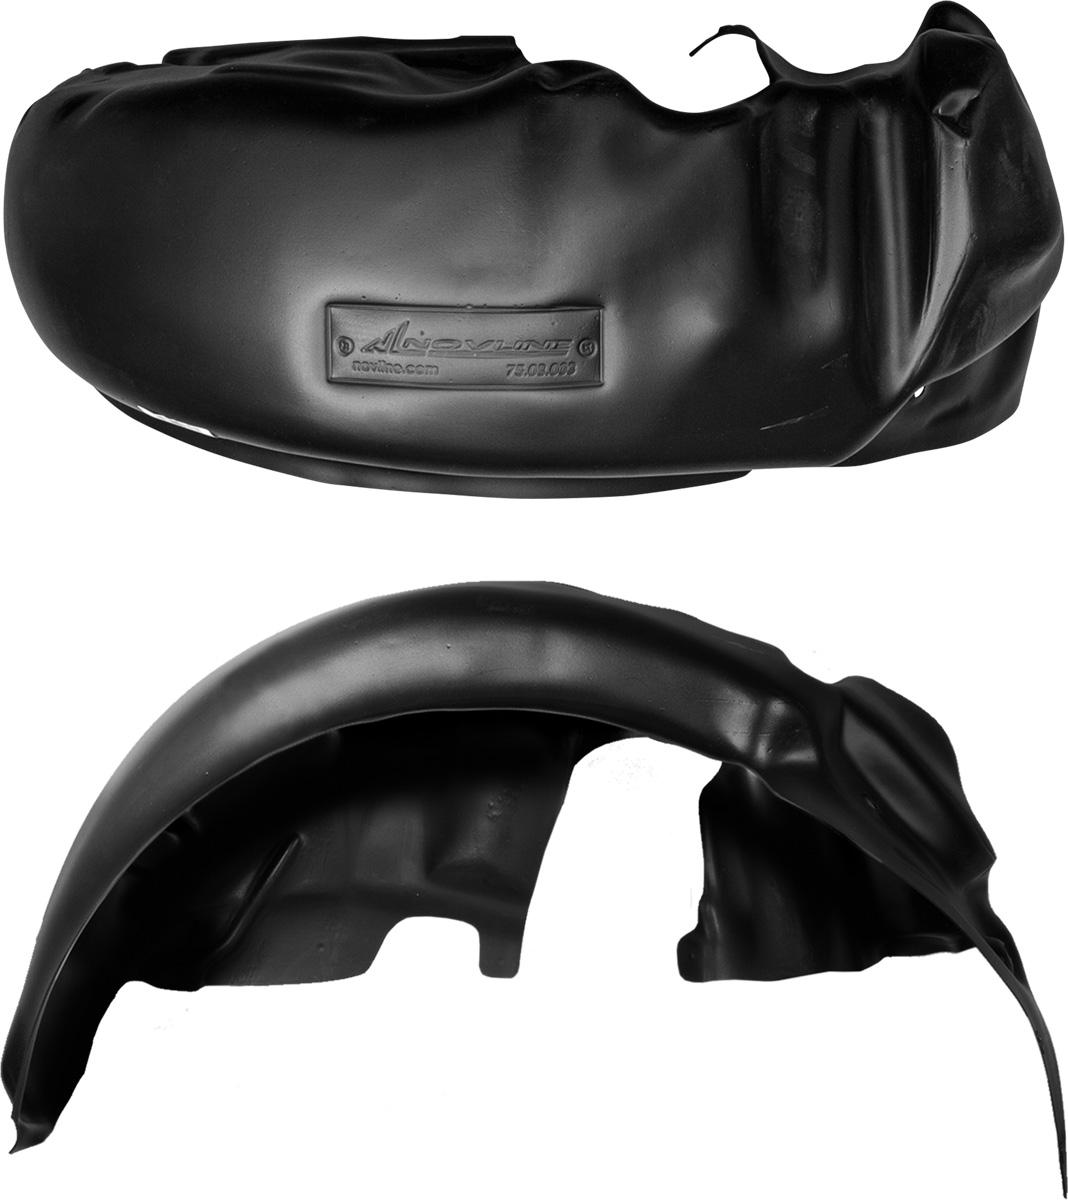 Подкрылок Novline-Autofamily, для Mitsubishi L200, 2007, 2010-> с расширителями арок, передний правыйNLL.35.15.002Колесные ниши - одни из самых уязвимых зон днища вашего автомобиля. Они постоянно подвергаются воздействию со стороны дороги. Лучшая, почти абсолютная защита для них - специально отформованные пластиковые кожухи, которые называются подкрылками. Производятся они как для отечественных моделей автомобилей, так и для иномарок. Подкрылки Novline-Autofamily выполнены из высококачественного, экологически чистого пластика. Обеспечивают надежную защиту кузова автомобиля от пескоструйного эффекта и негативного влияния, агрессивных антигололедных реагентов. Пластик обладает более низкой теплопроводностью, чем металл, поэтому в зимний период эксплуатации использование пластиковых подкрылков позволяет лучше защитить колесные ниши от налипания снега и образования наледи. Оригинальность конструкции подчеркивает элегантность автомобиля, бережно защищает нанесенное на днище кузова антикоррозийное покрытие и позволяет осуществить крепление подкрылков внутри колесной арки практически без...